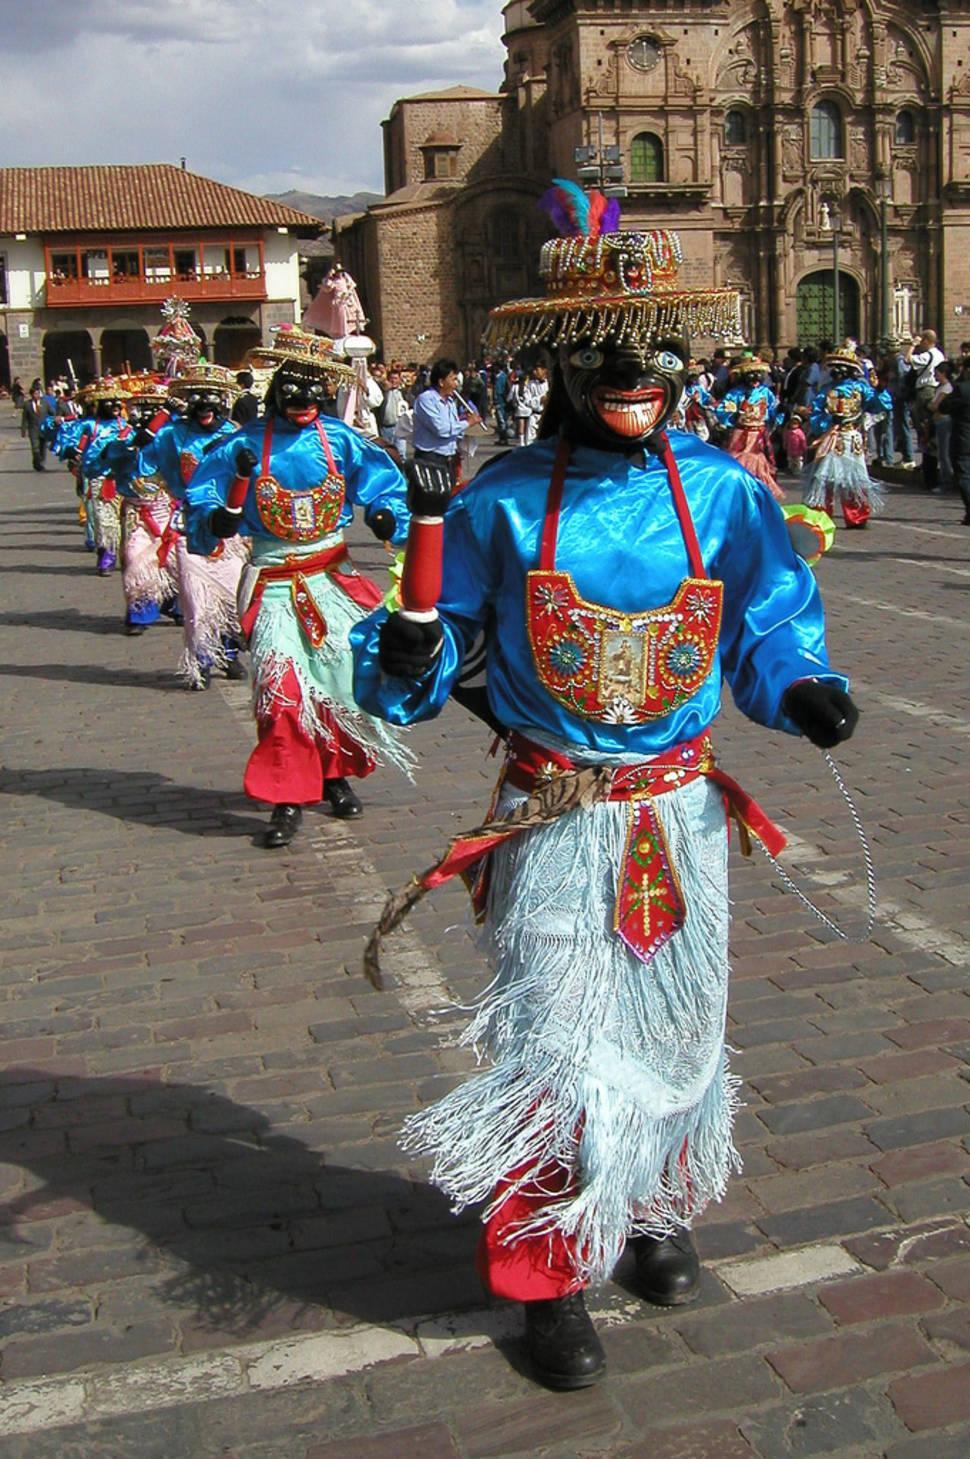 Señor de Huanca in Machu Picchu and Cusco - Best Time